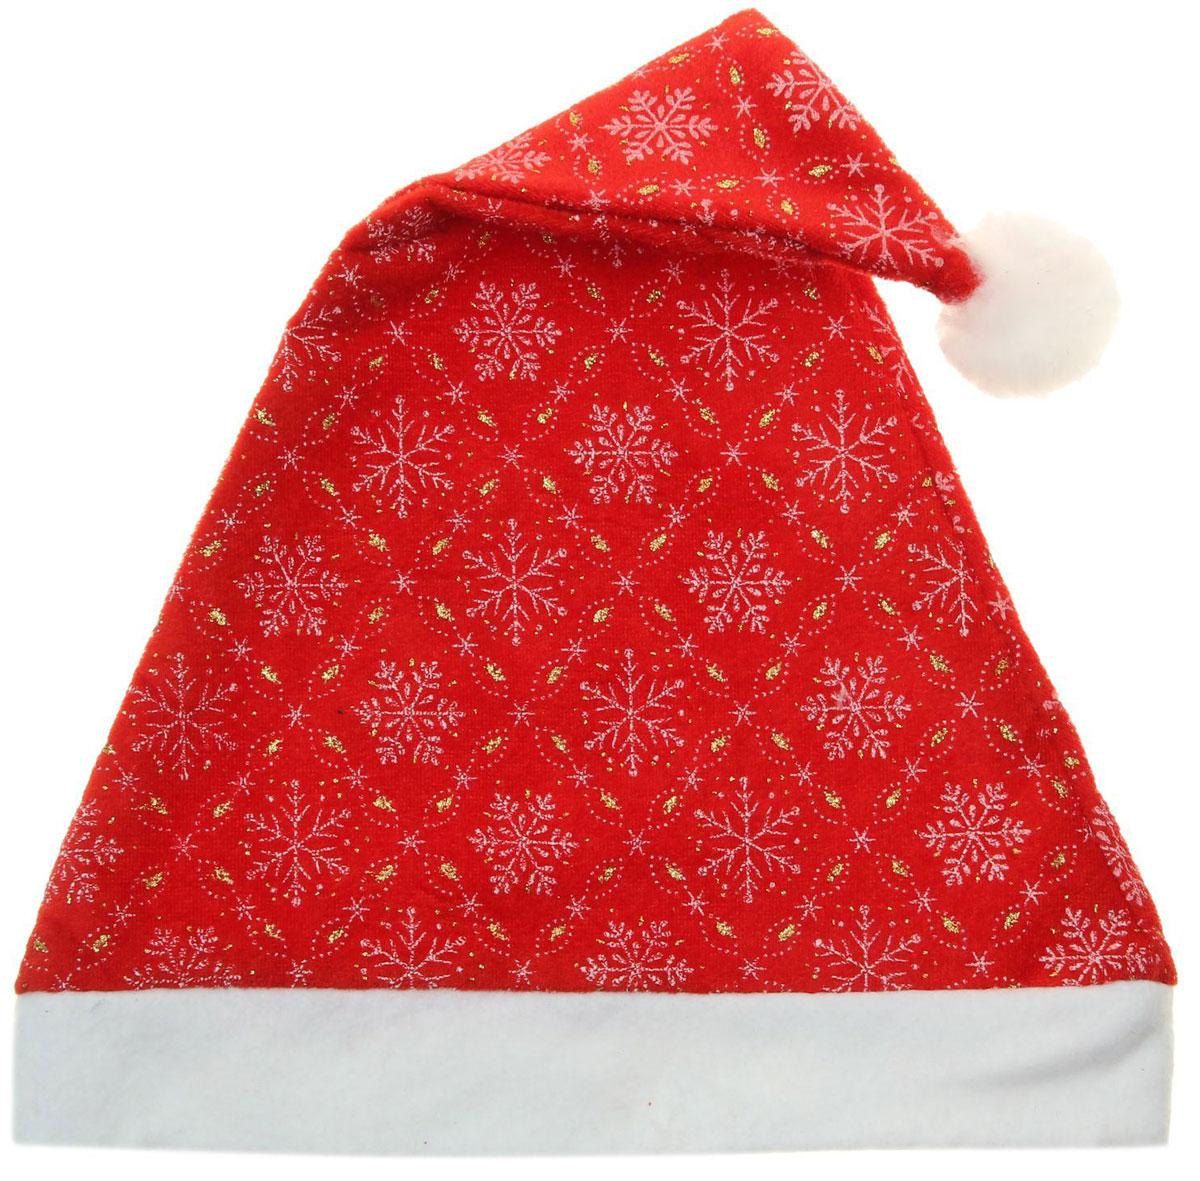 Колпак новогодний Снежинки в узорном ромбе, 28 х 40 см. 13906291390629Поддайтесь новогоднему веселью на полную катушку! Забавный колпак в секунду создаст праздничное настроение, будь то поздравление ребятишек или вечеринка с друзьями. Размер изделия универсальный: аксессуар подойдет как для ребенка, так и для взрослого. А мягкий текстиль позволит носить колпак с комфортом на протяжении всей новогодней ночи.